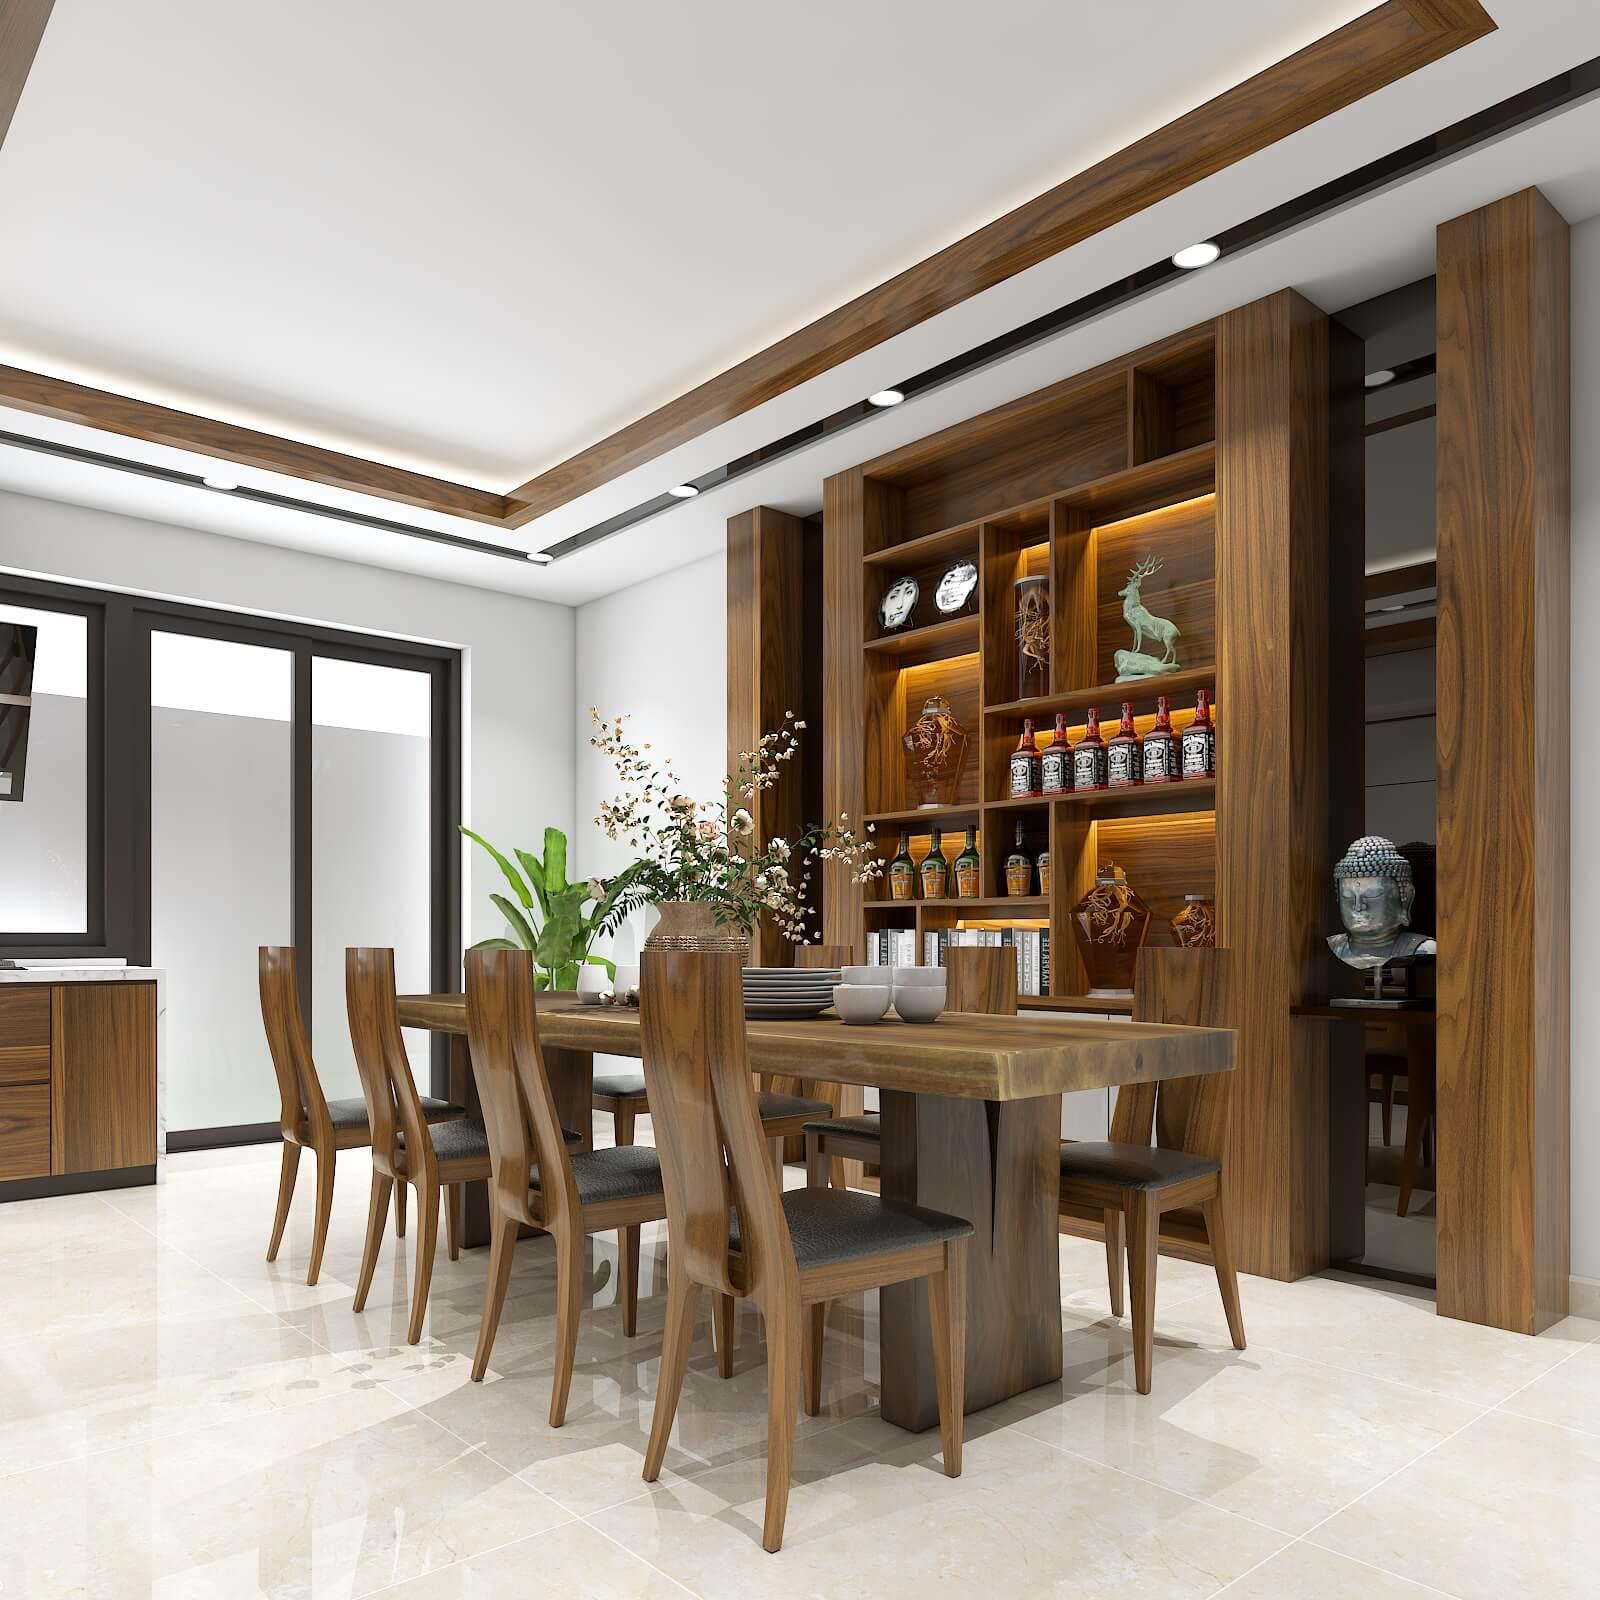 Chất liệu gỗ óc chó tự nhiên tôn lên vẻ đẹp cho không gian bếp